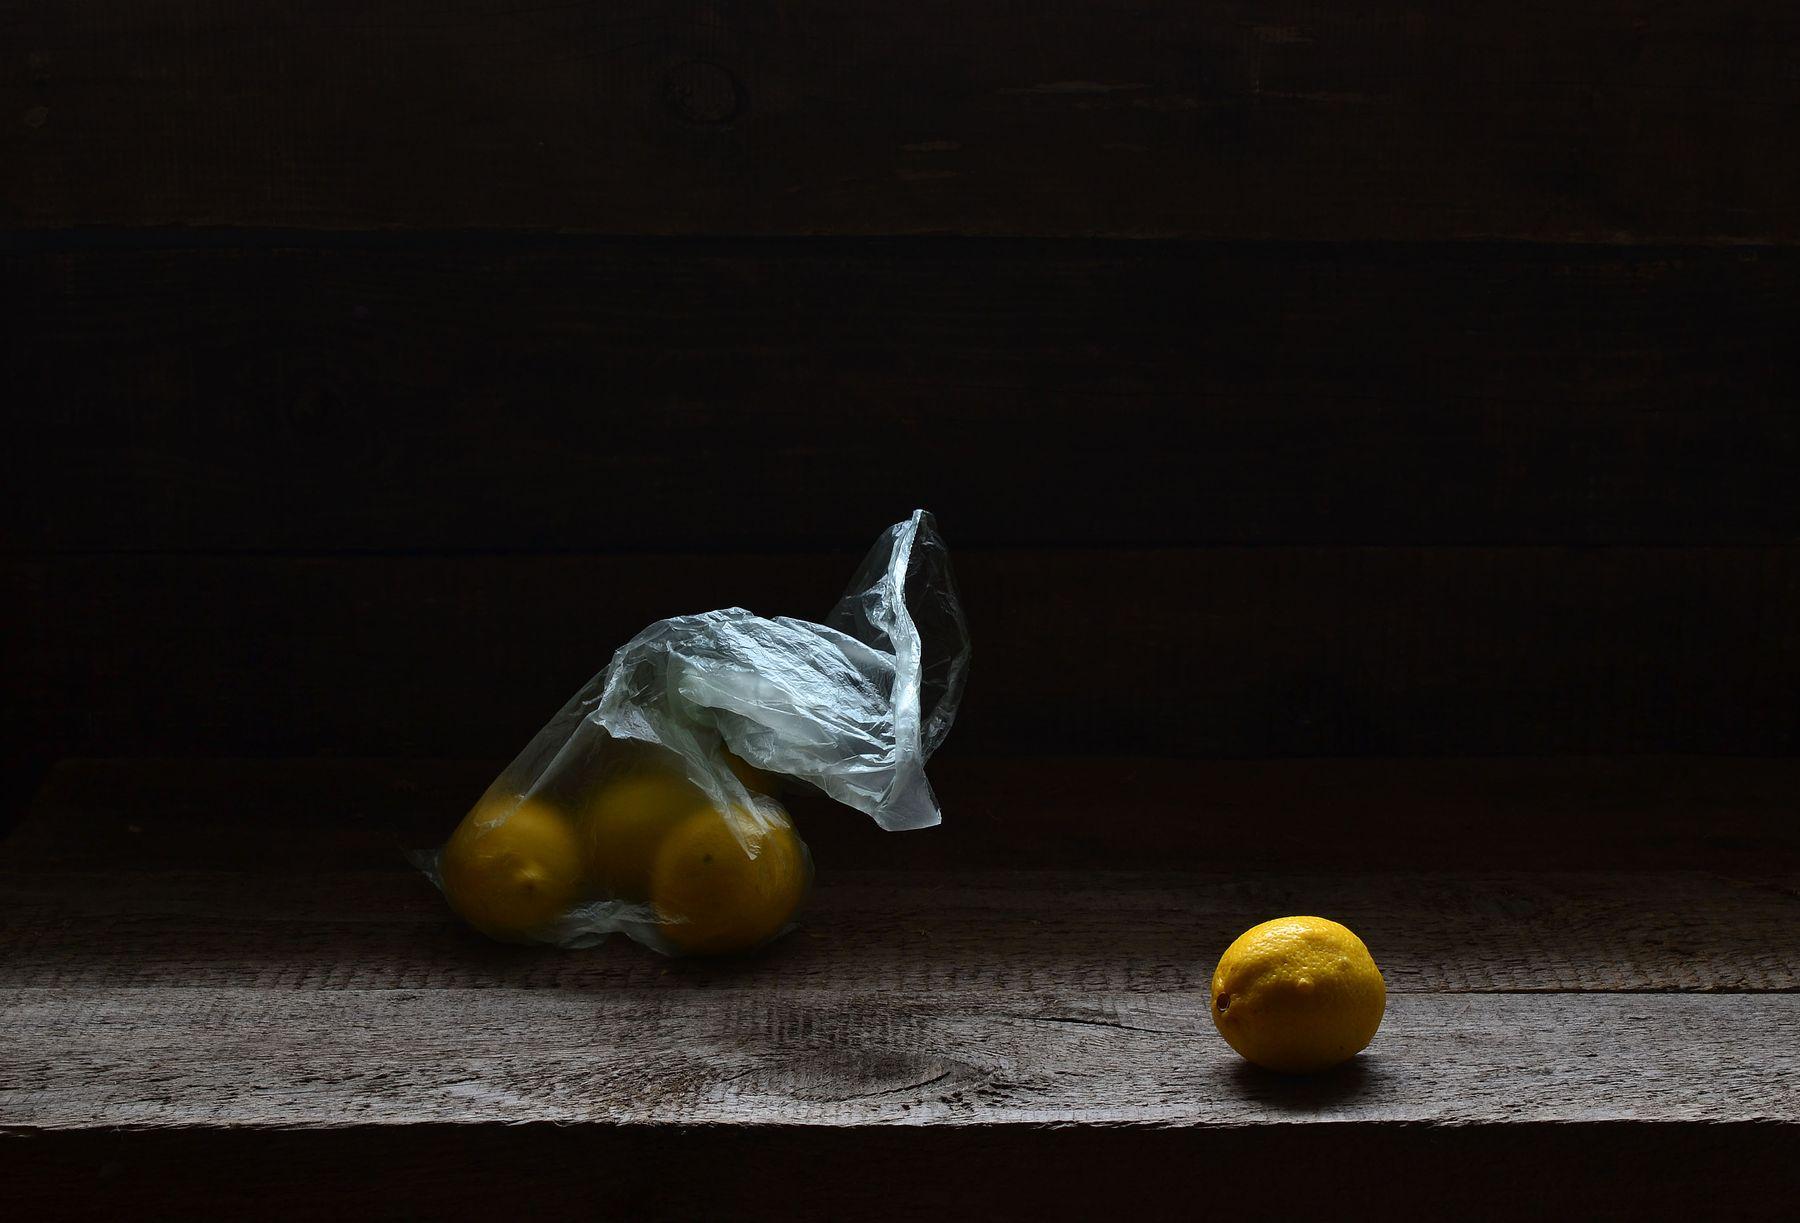 Лимончики. Лимоны лимон пакет деревянный фон